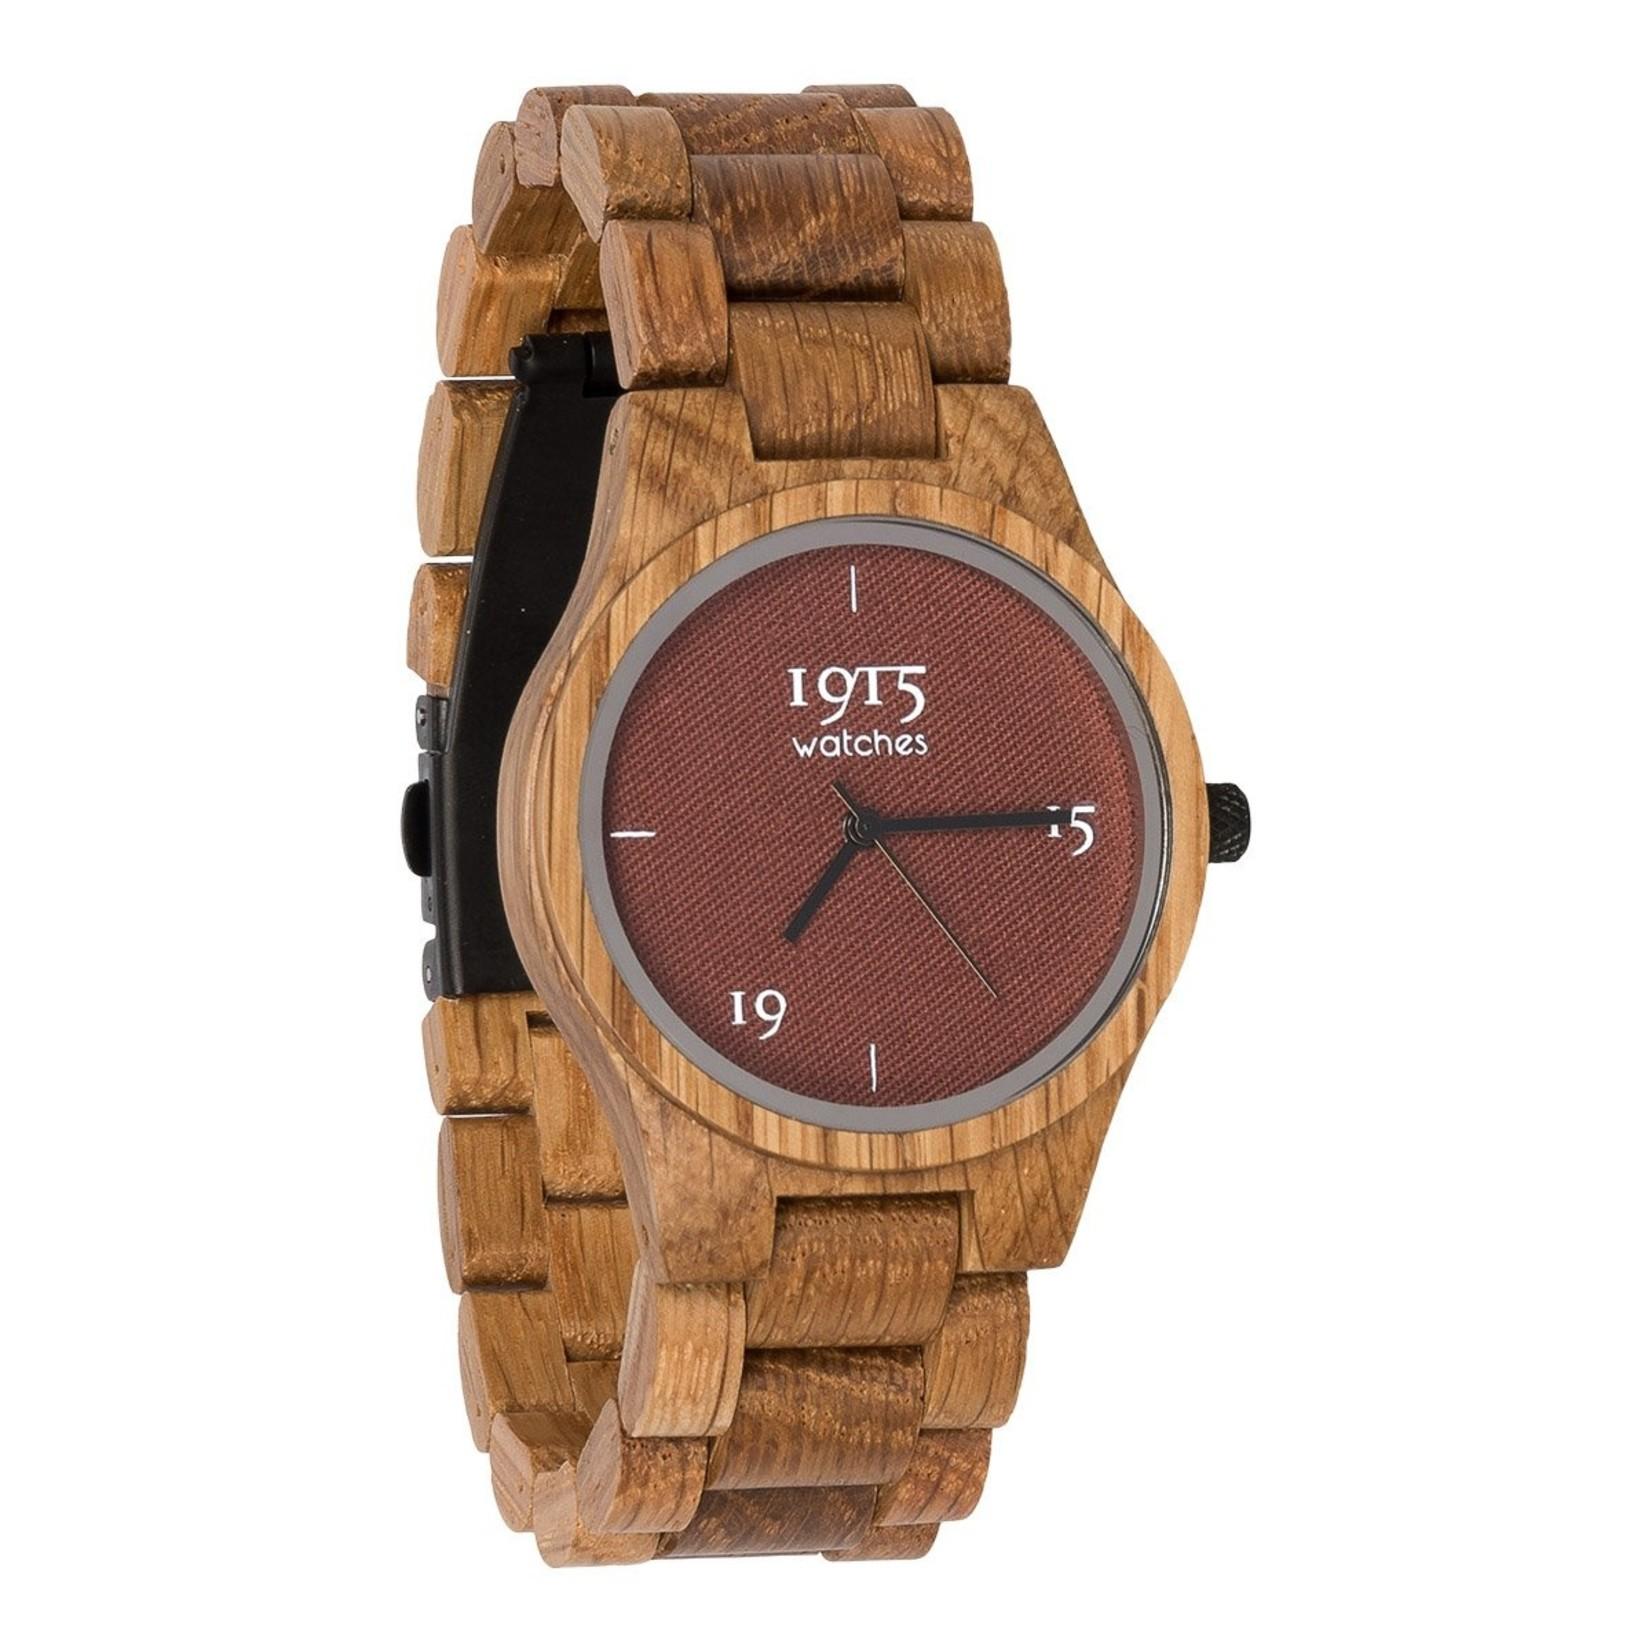 1915 watches 1915 watch lady fine cotton madder   Houten dames horloge